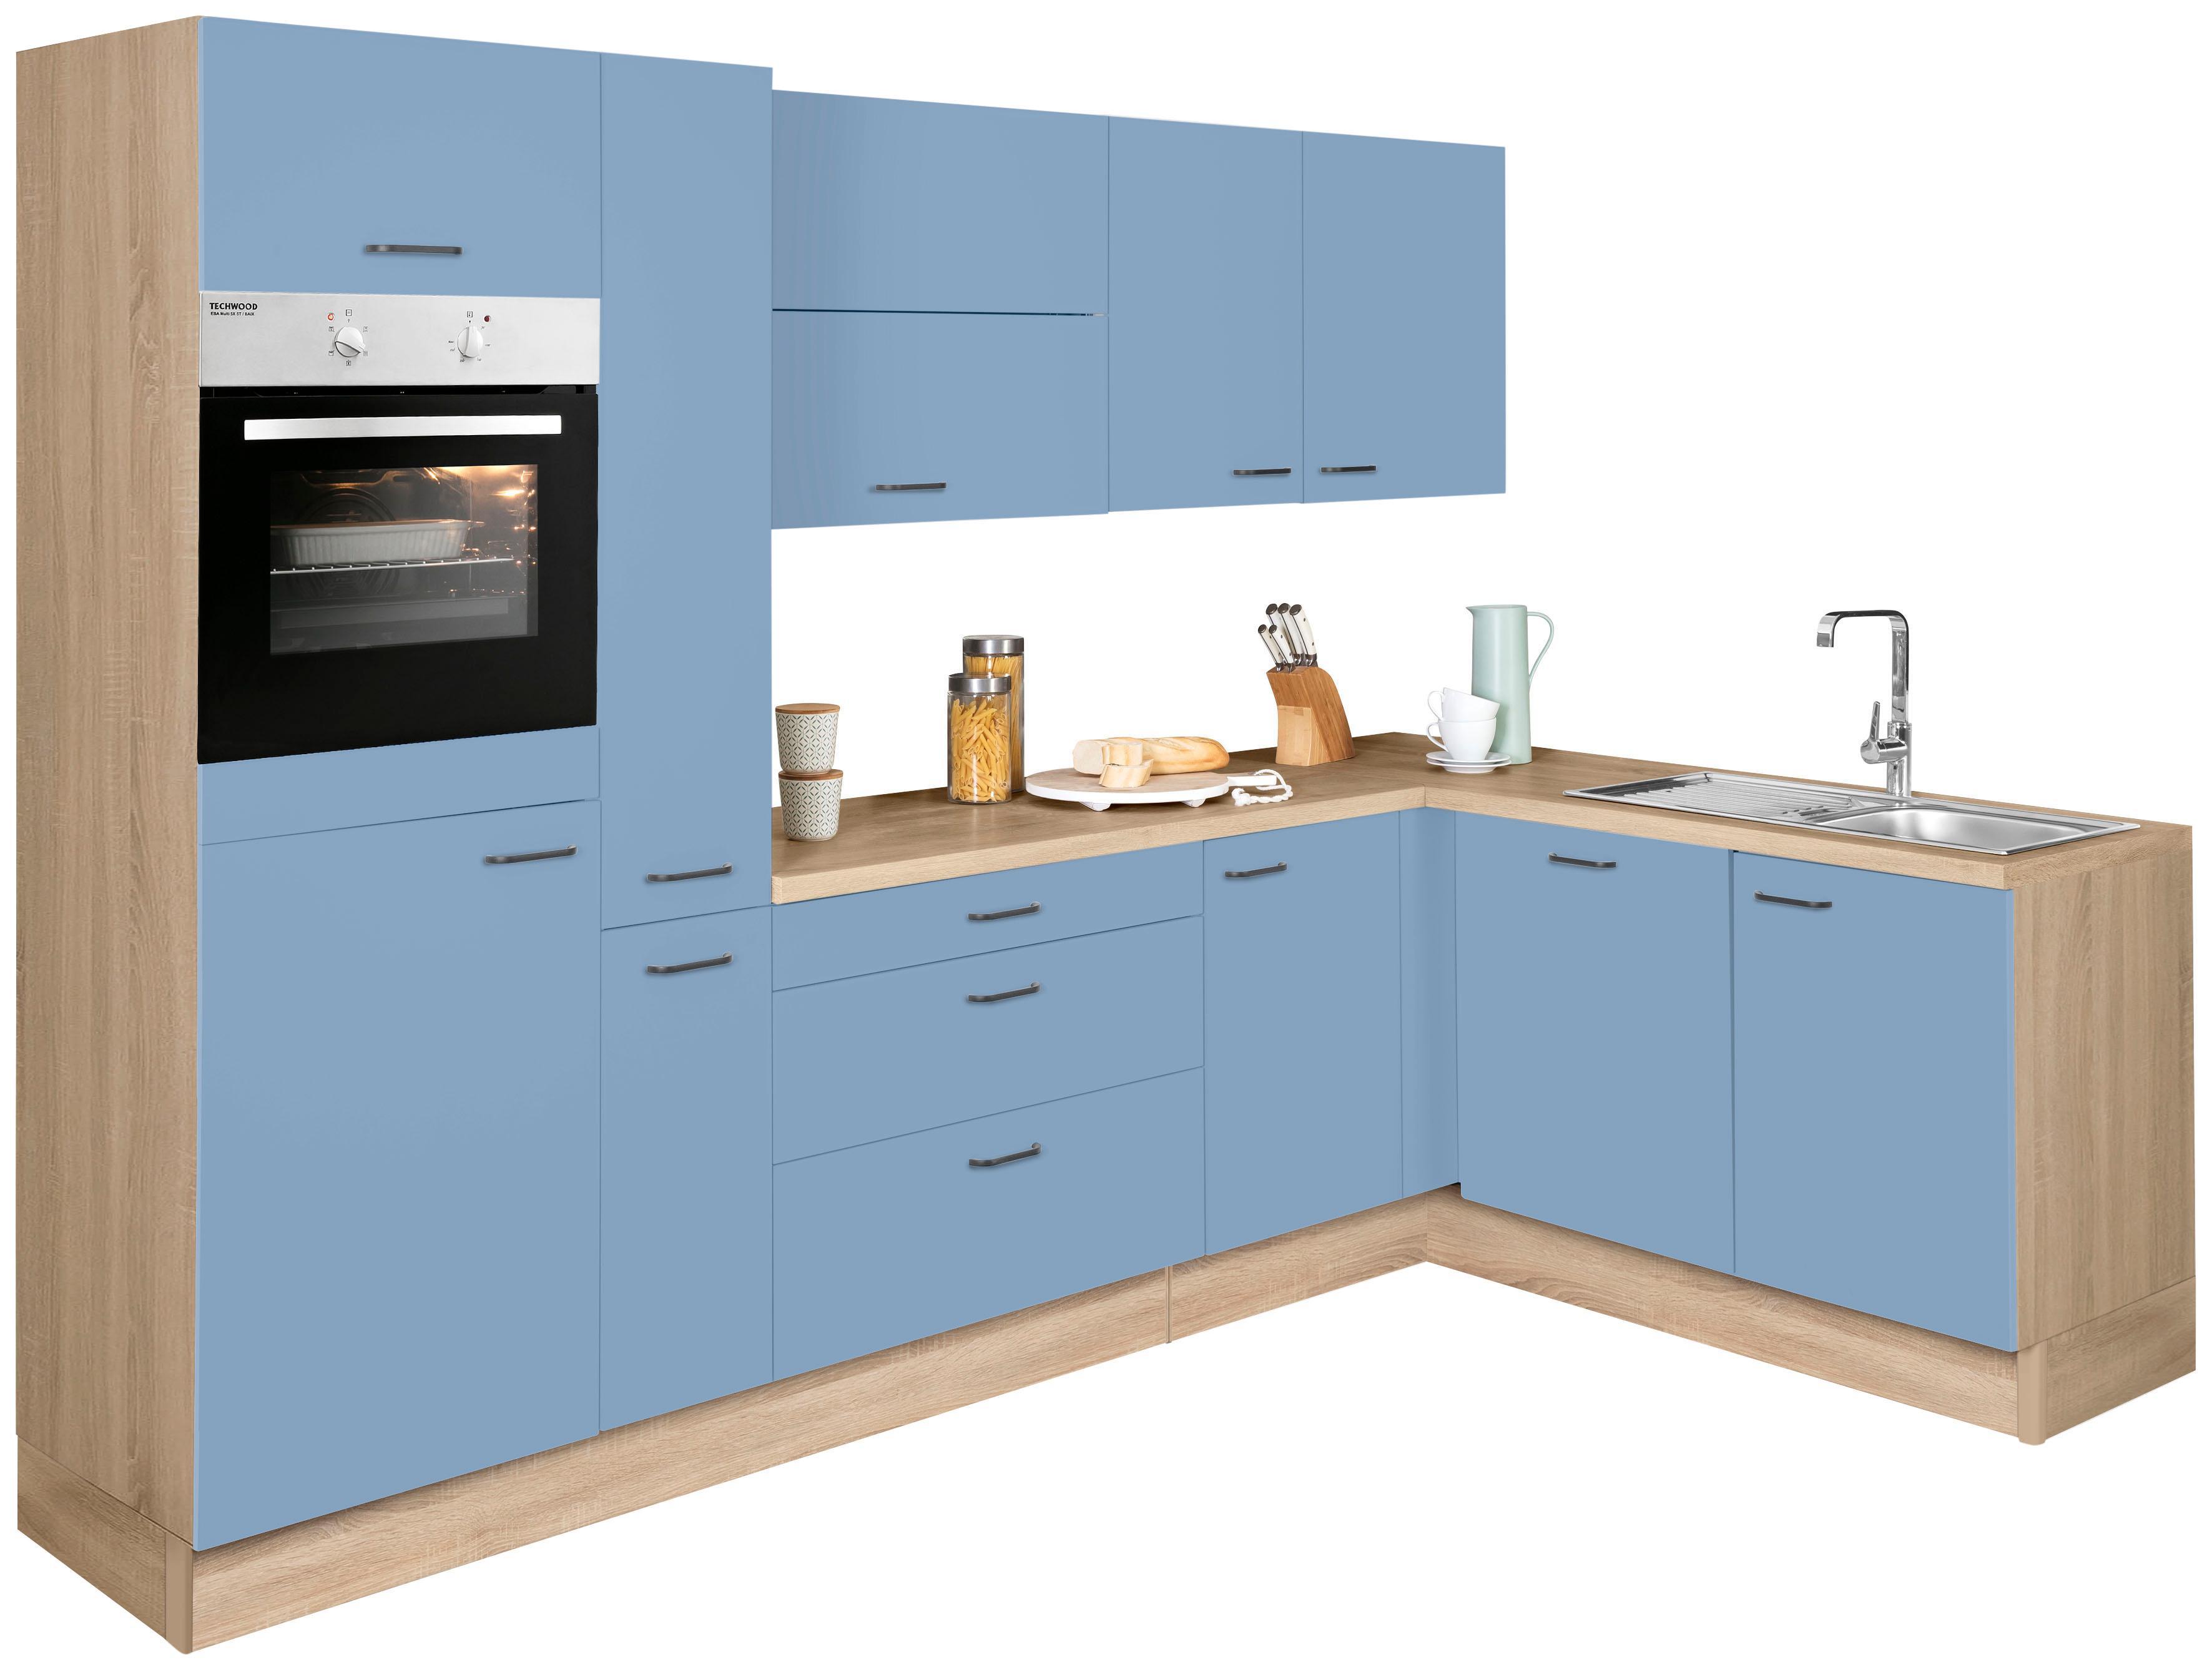 OPTIFIT Winkelküche ohne E-Geräte »Elga«, Stellbreite 265 x 175 cm | Küche und Esszimmer > Küchen > Winkelküchen | Blau | Eiche - Nachbildung - Edelstahl - Melamin | OPTIFIT